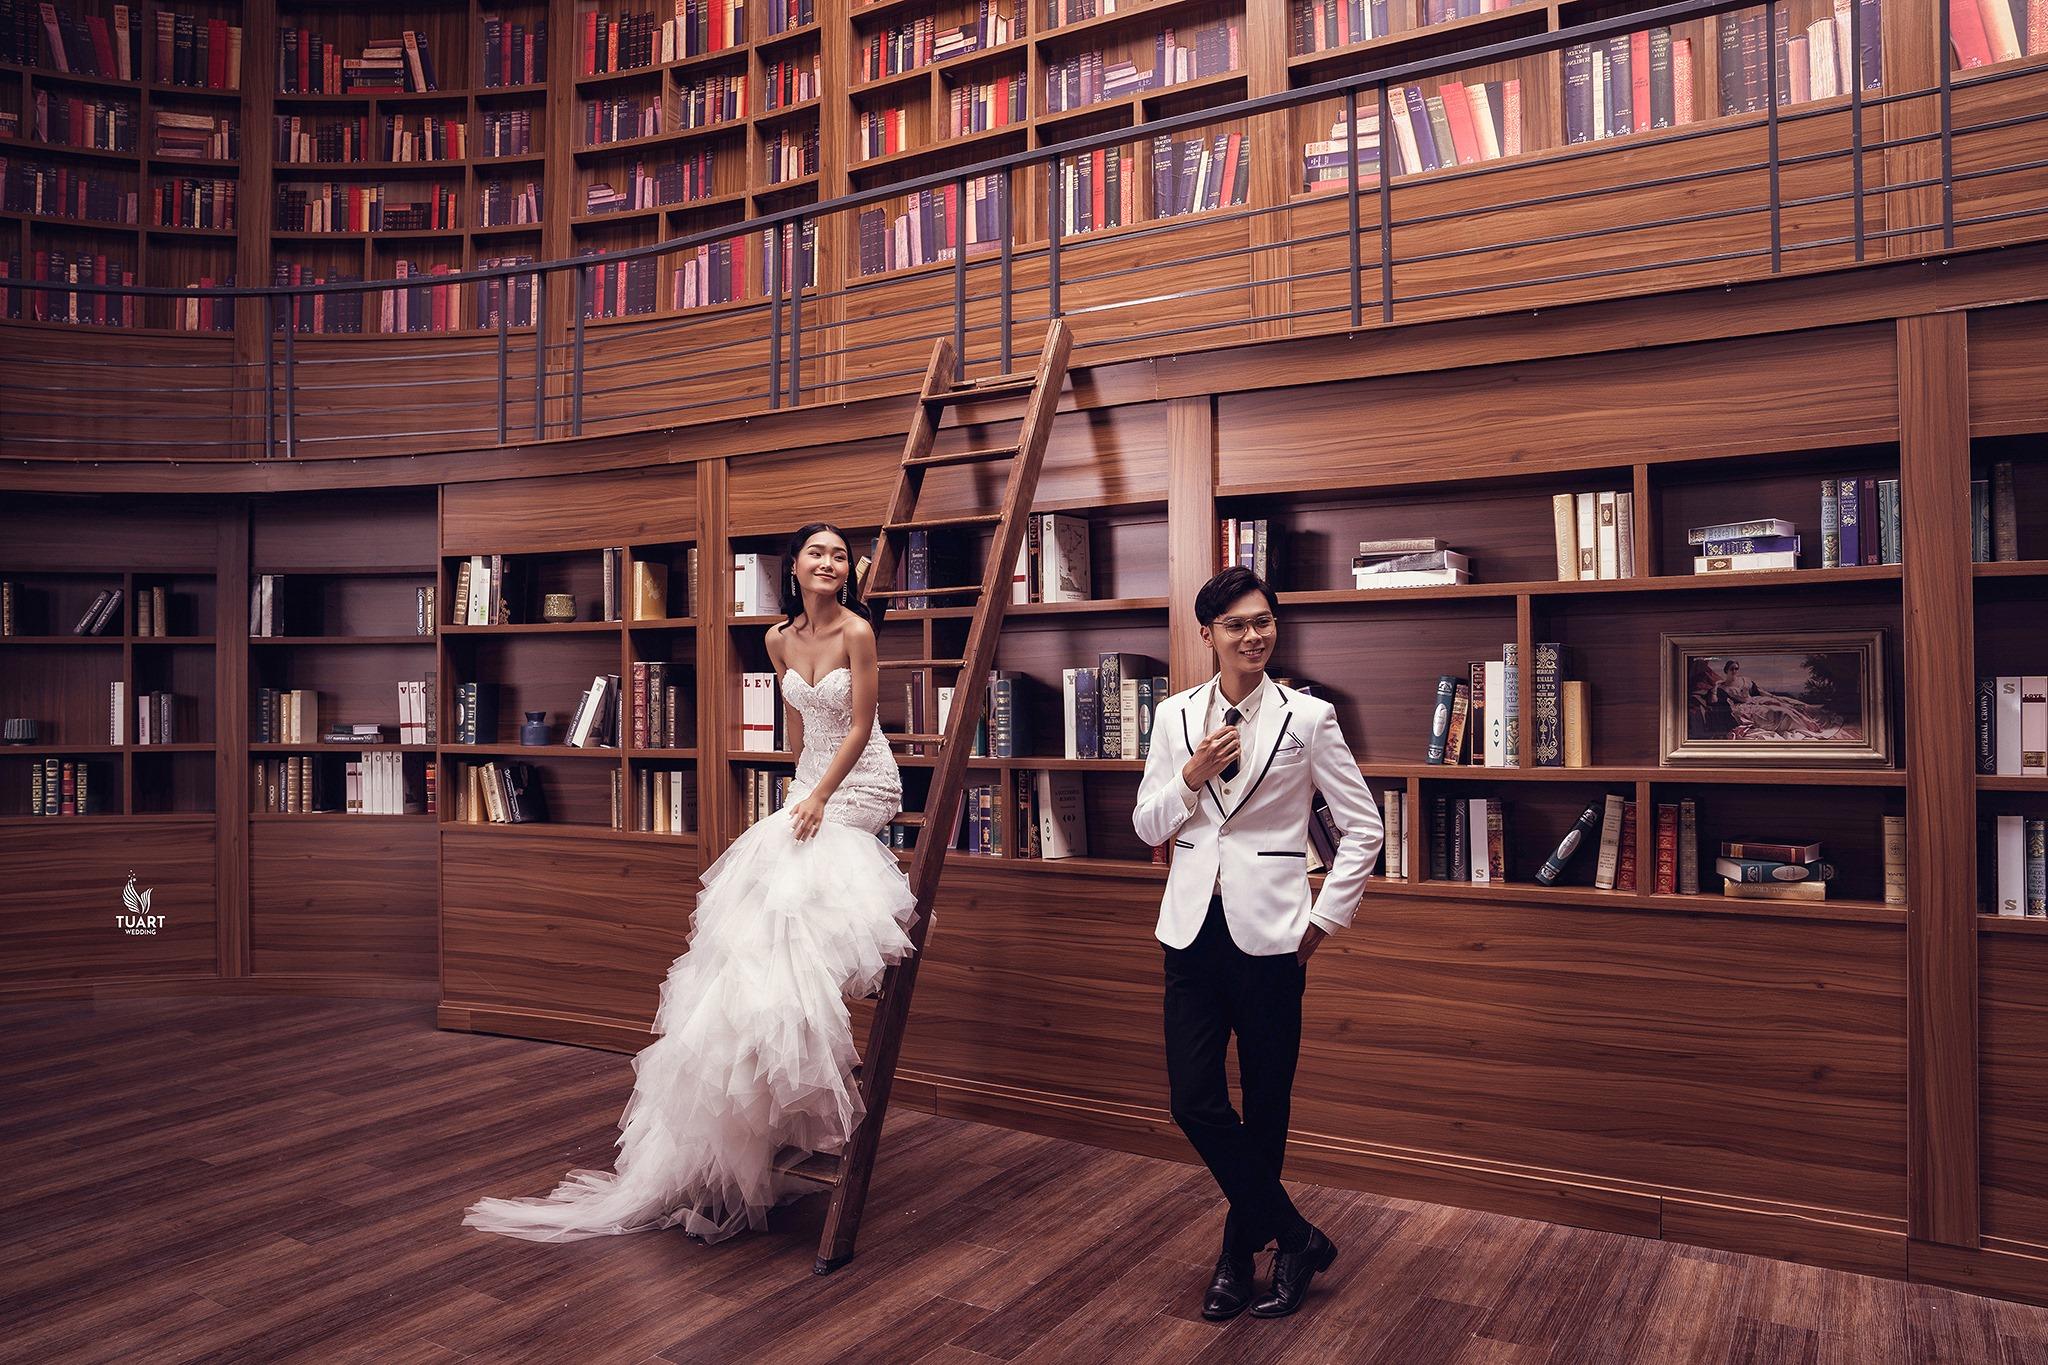 Album chụp ảnh cưới đẹp tại Hà Nội: 5 Graden Studio